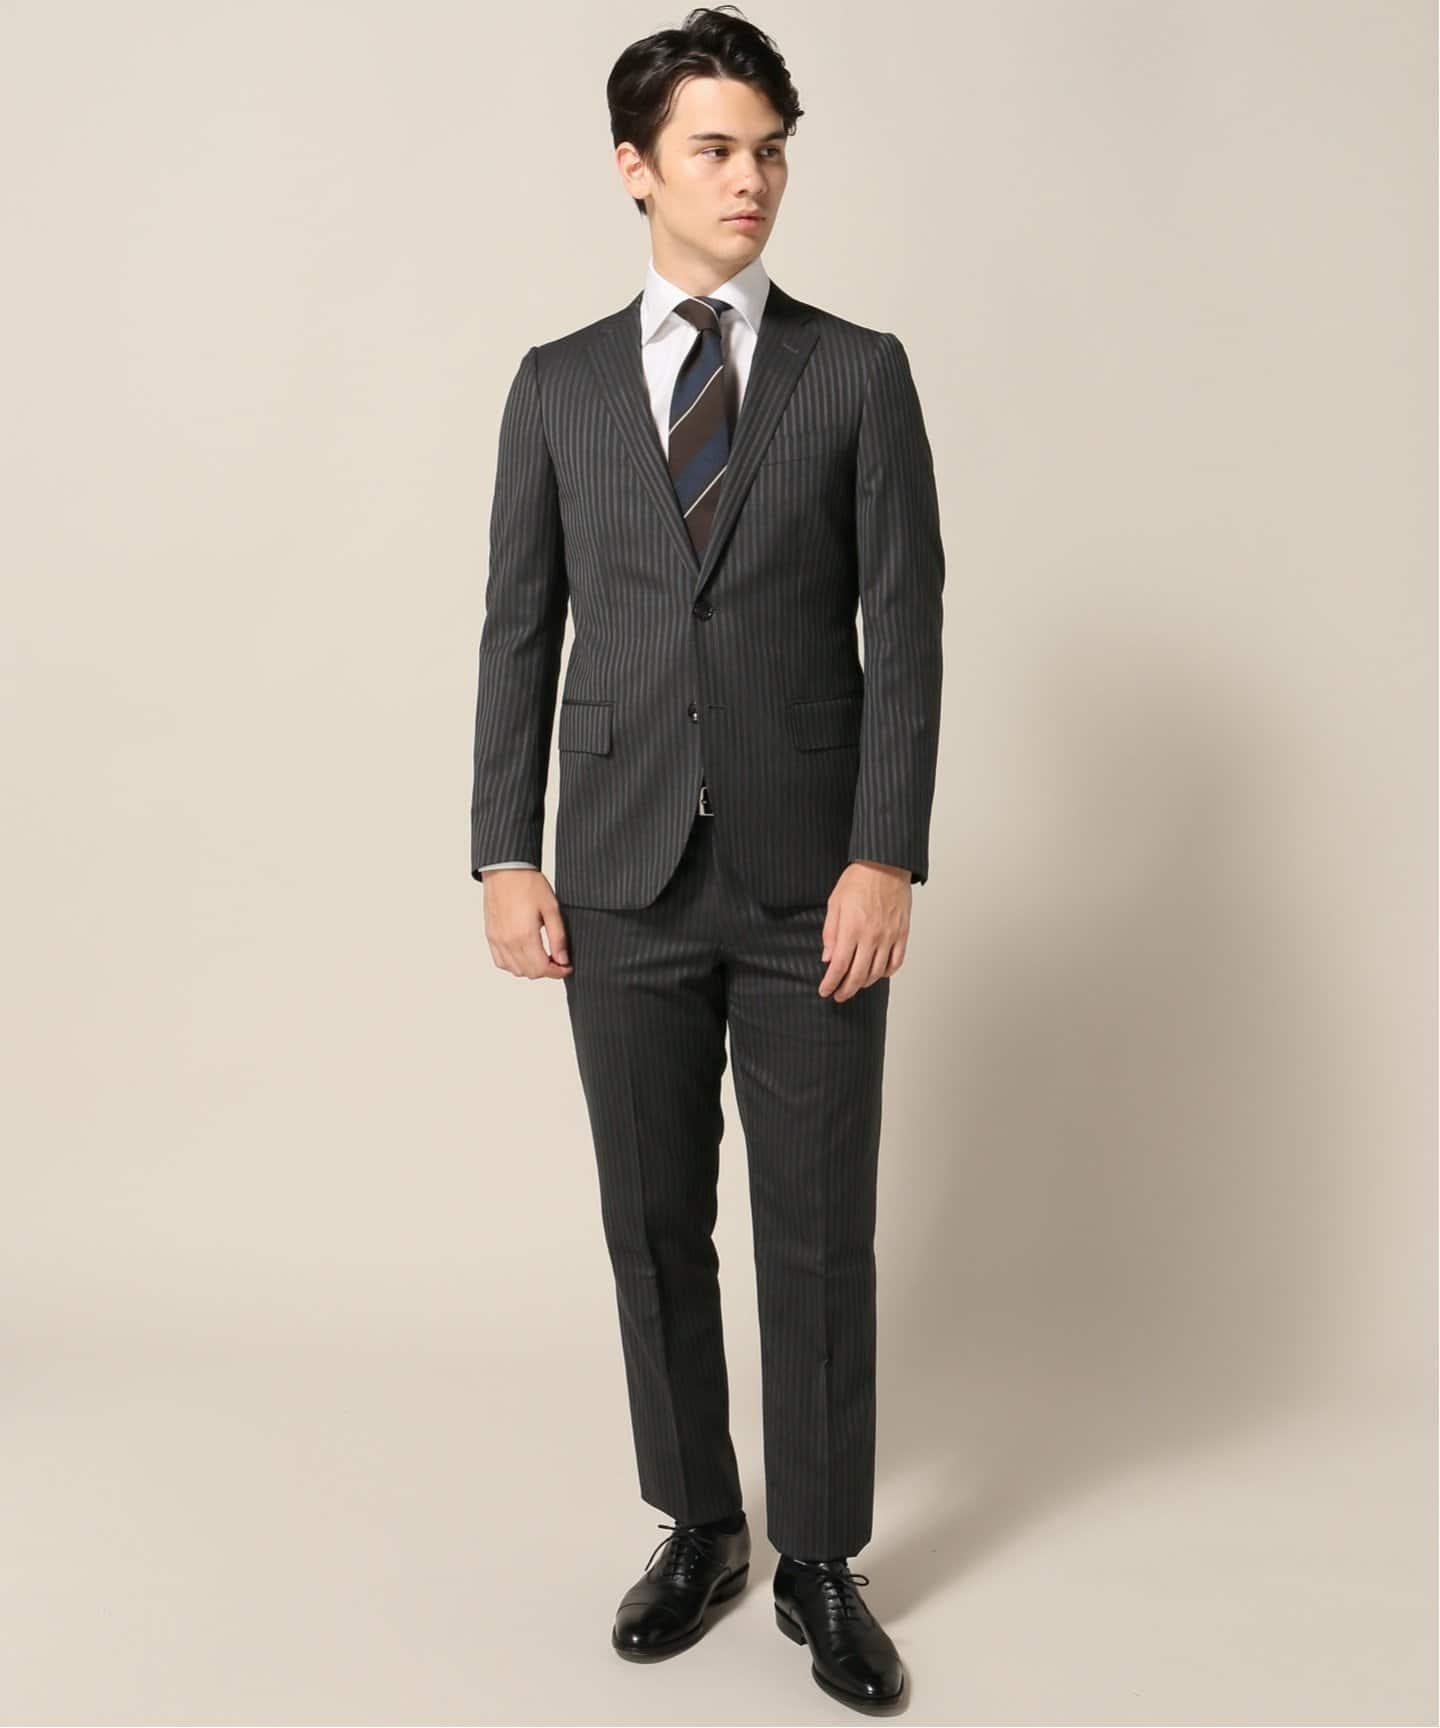 B.C STOCKのスーツ/スーツジャケット|グレーA